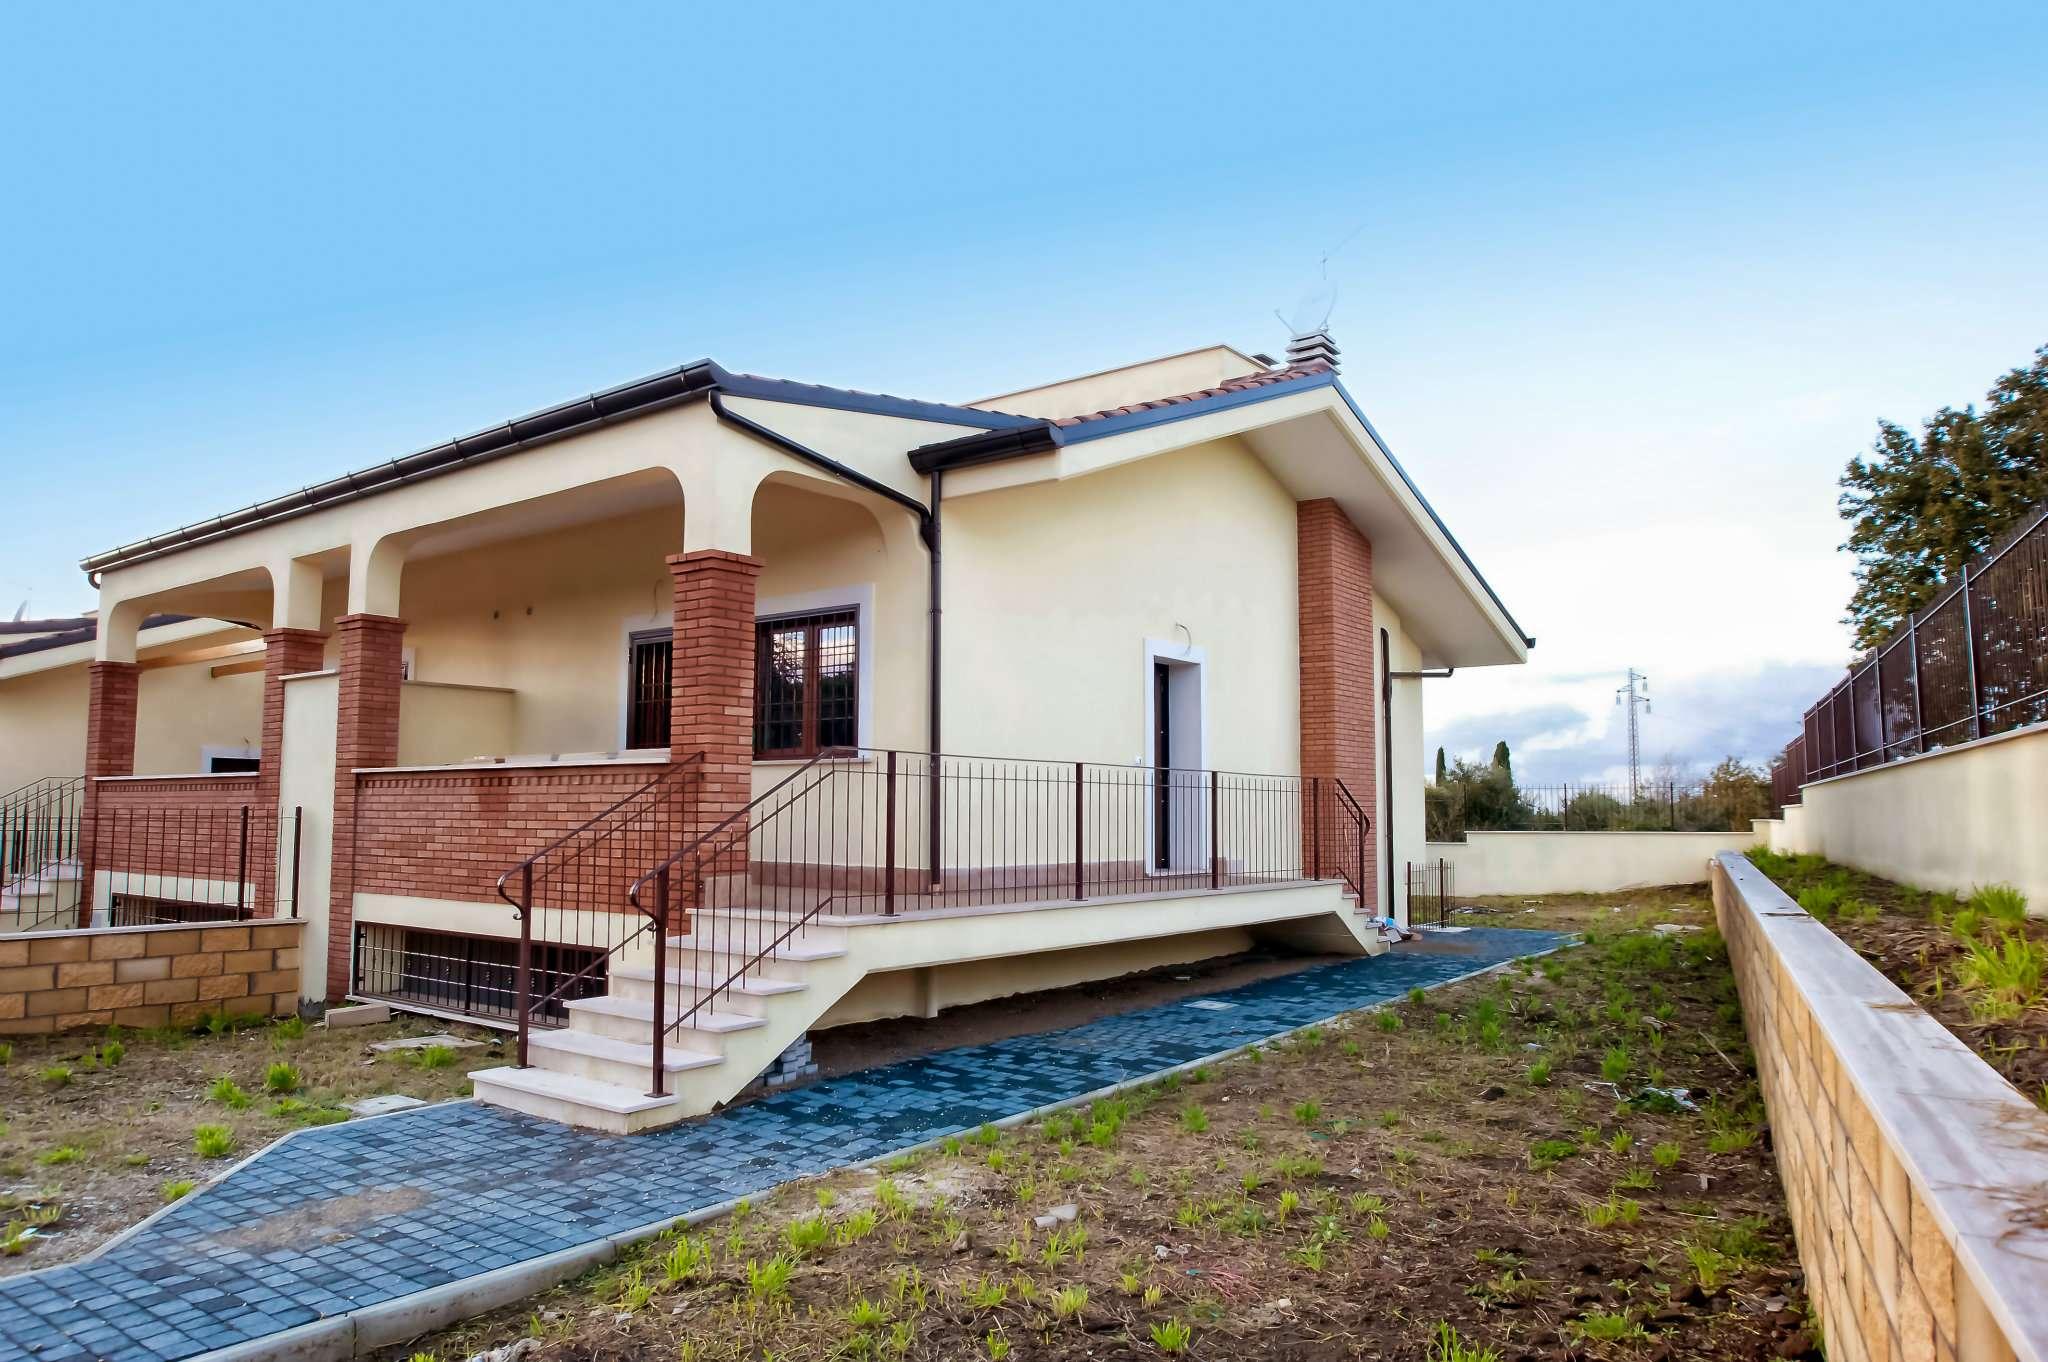 Villa Bifamiliare in vendita a Marino, 9999 locali, prezzo € 329.000 | CambioCasa.it